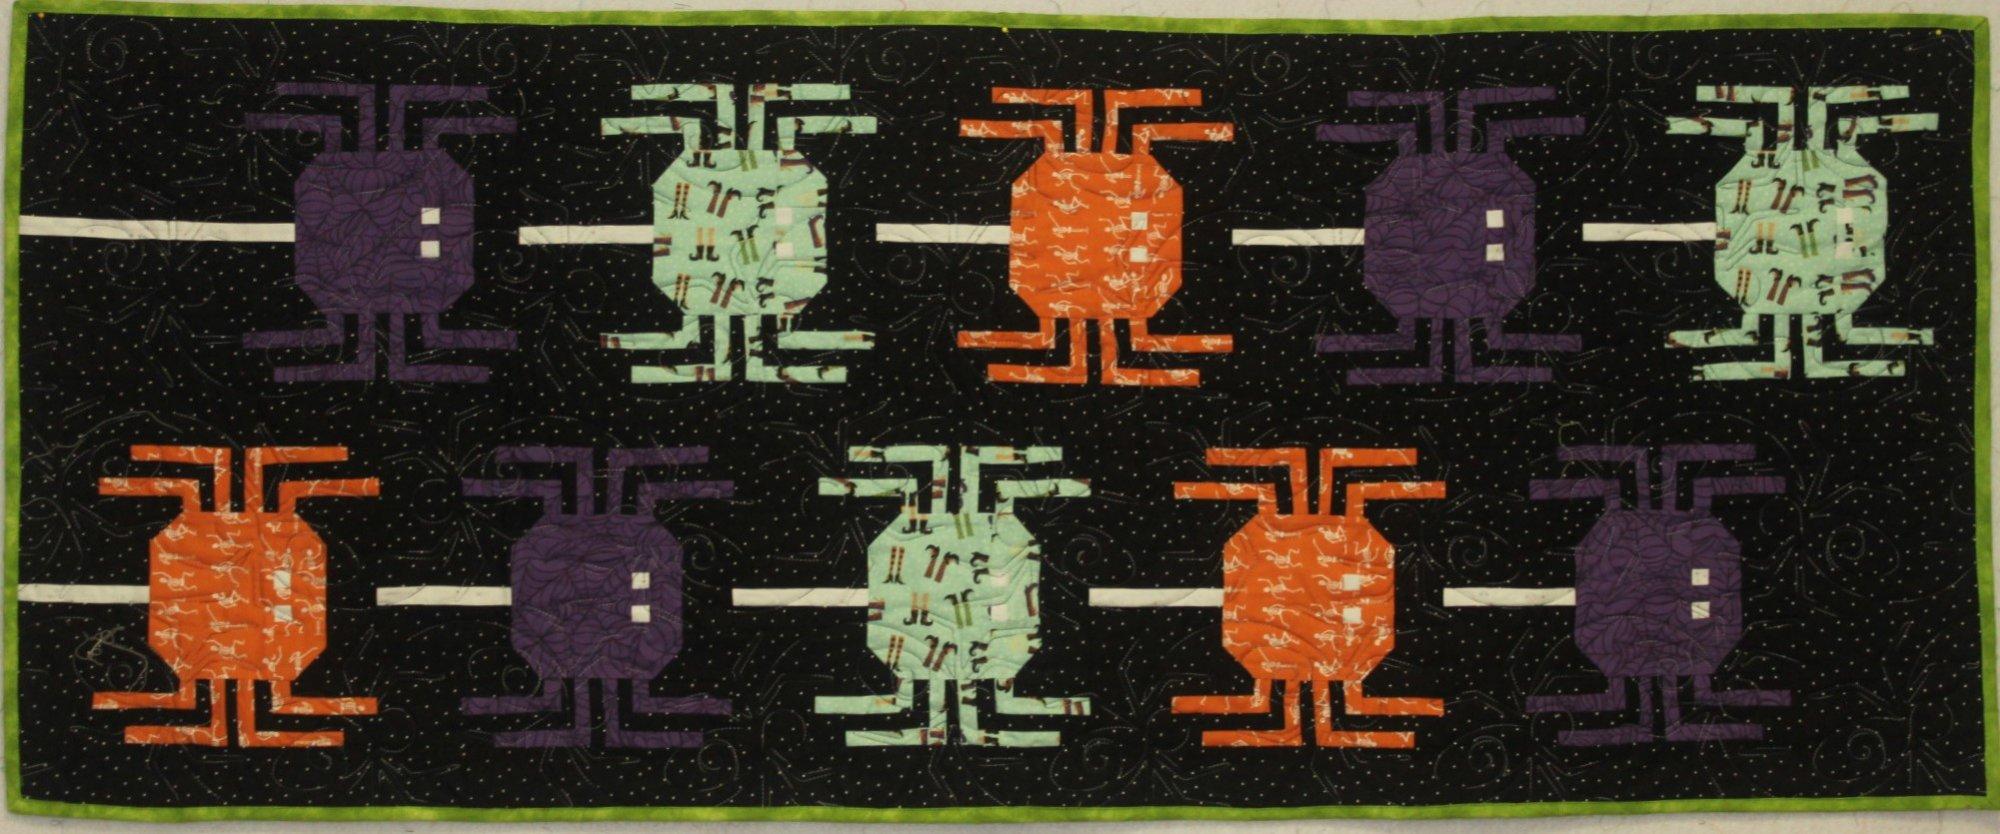 Hocus Pocus Spider Quilt Kit